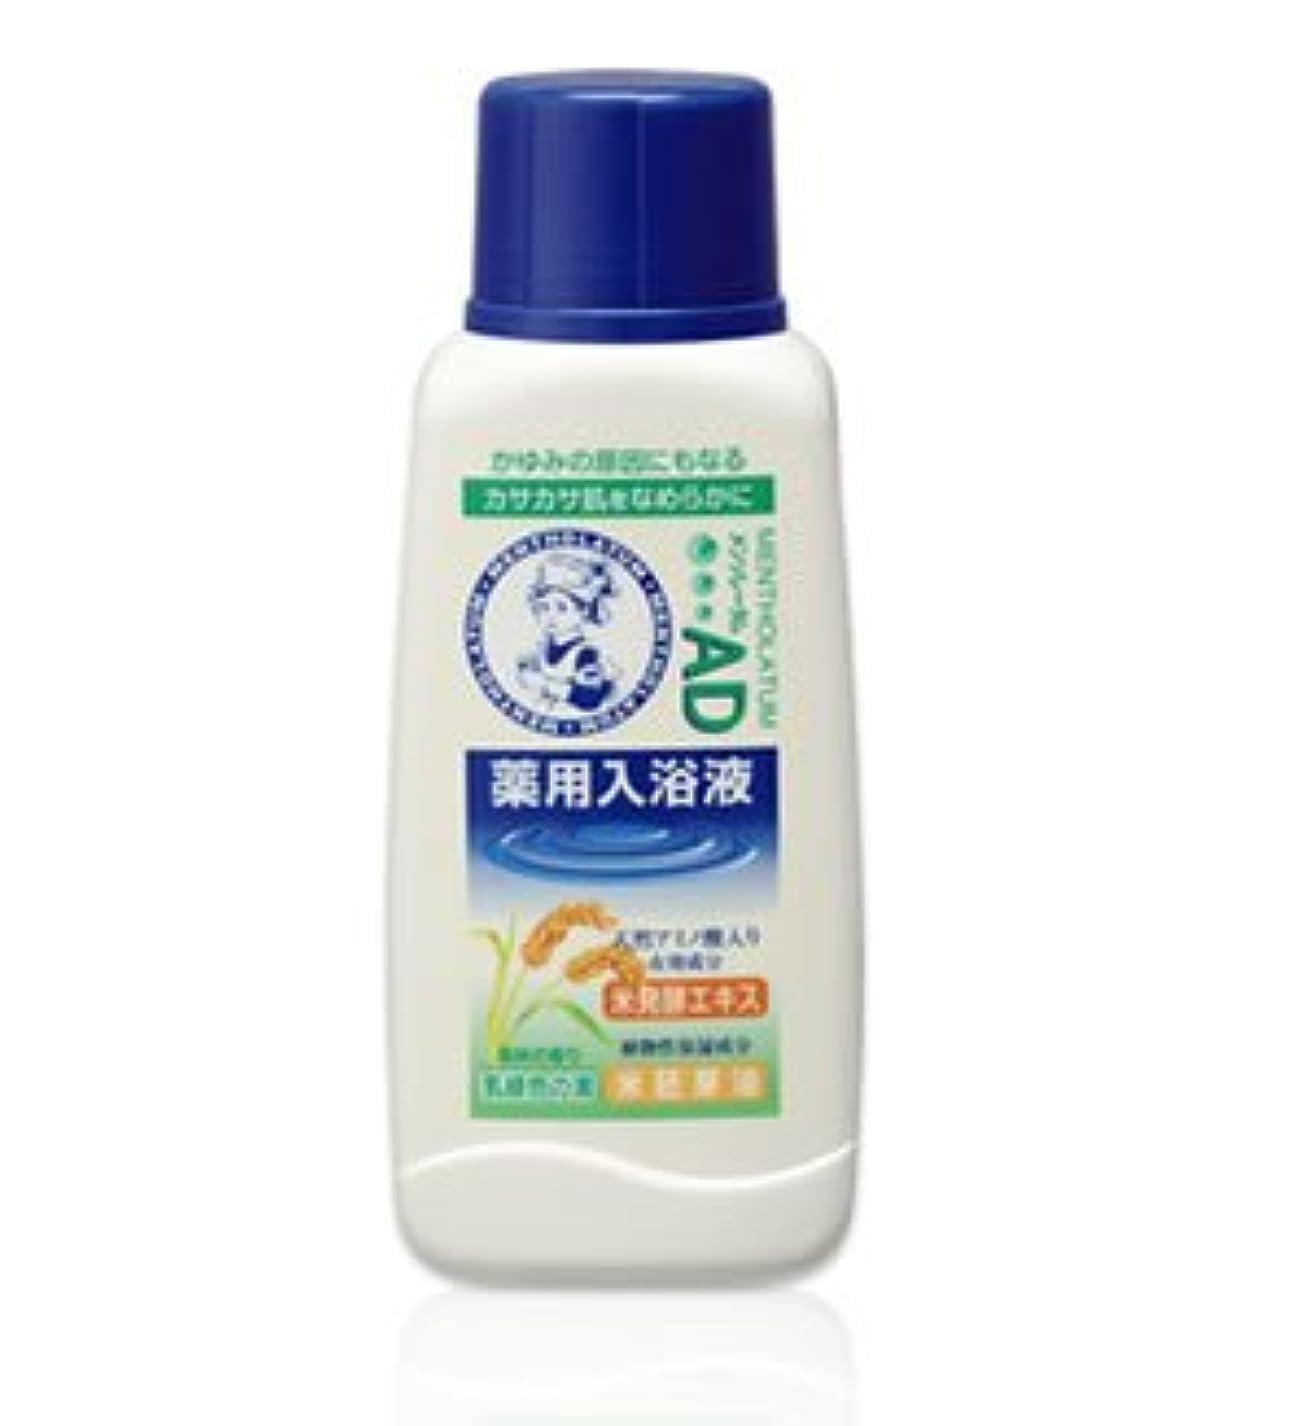 正しいくさびカスタム(ロート)メンソレータム AD薬用入浴剤 森林の香り720ml(医薬部外品)